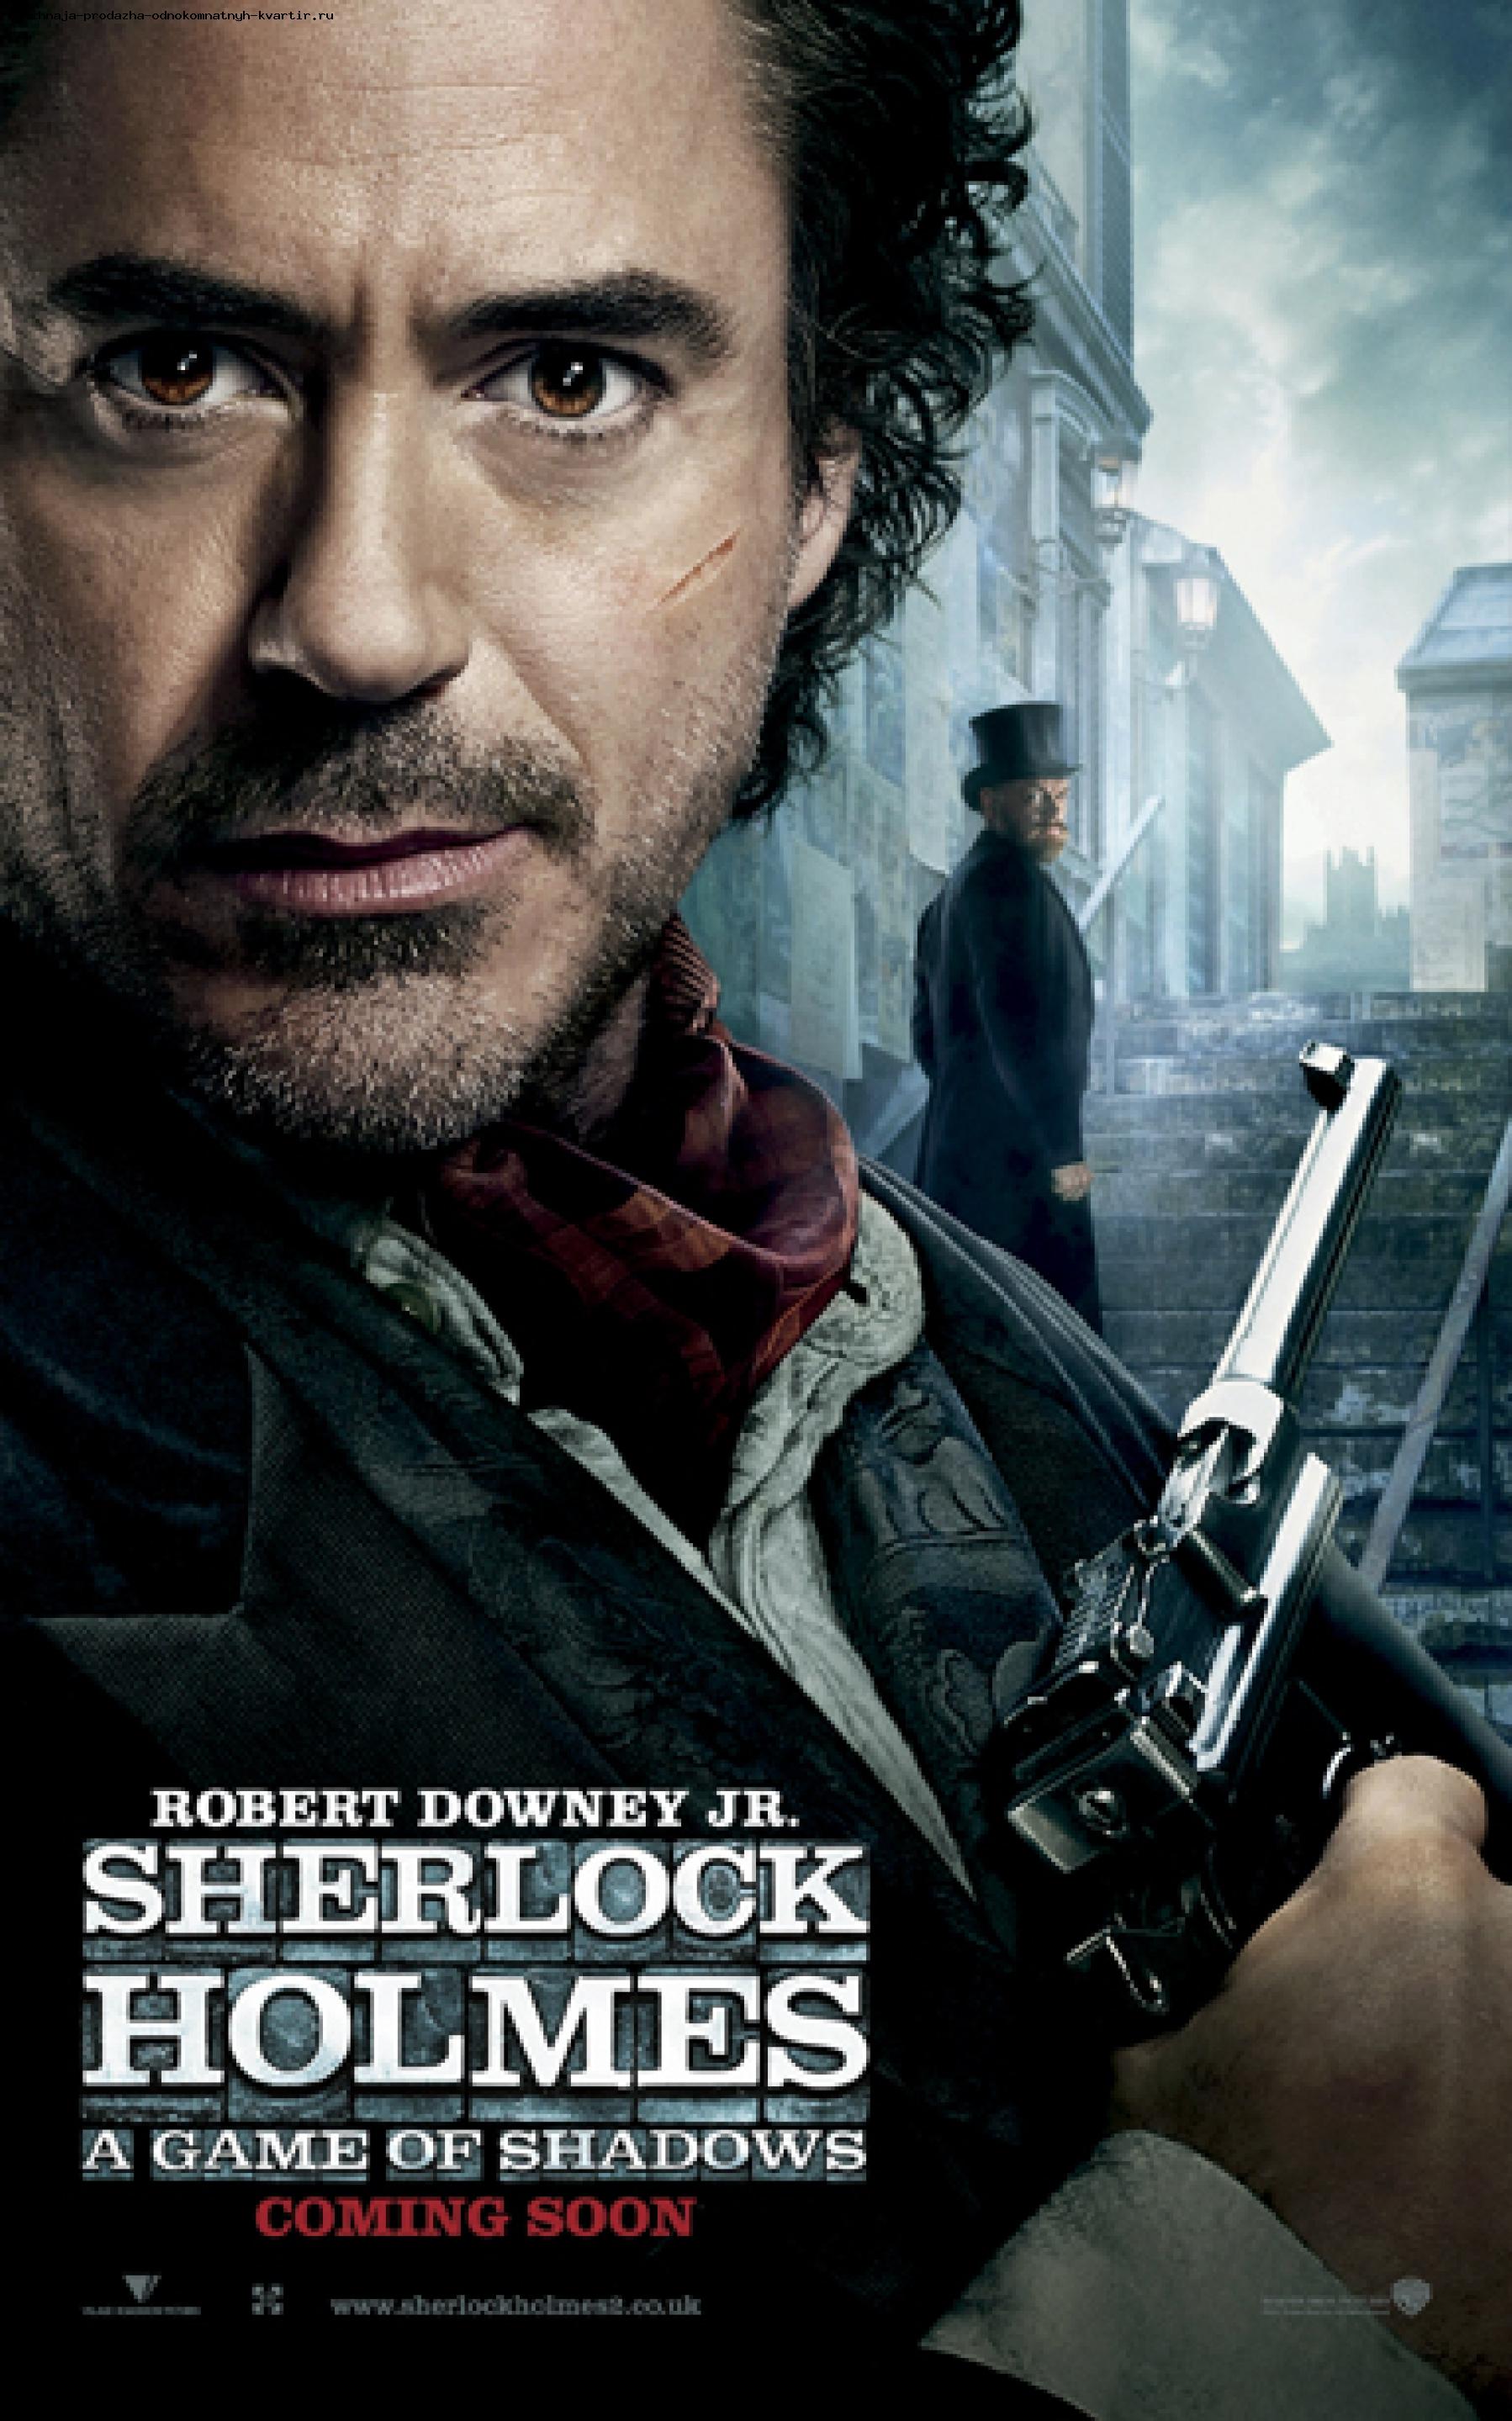 Шерлок Холмс Игра теней фильм 2011 скачать торрент в